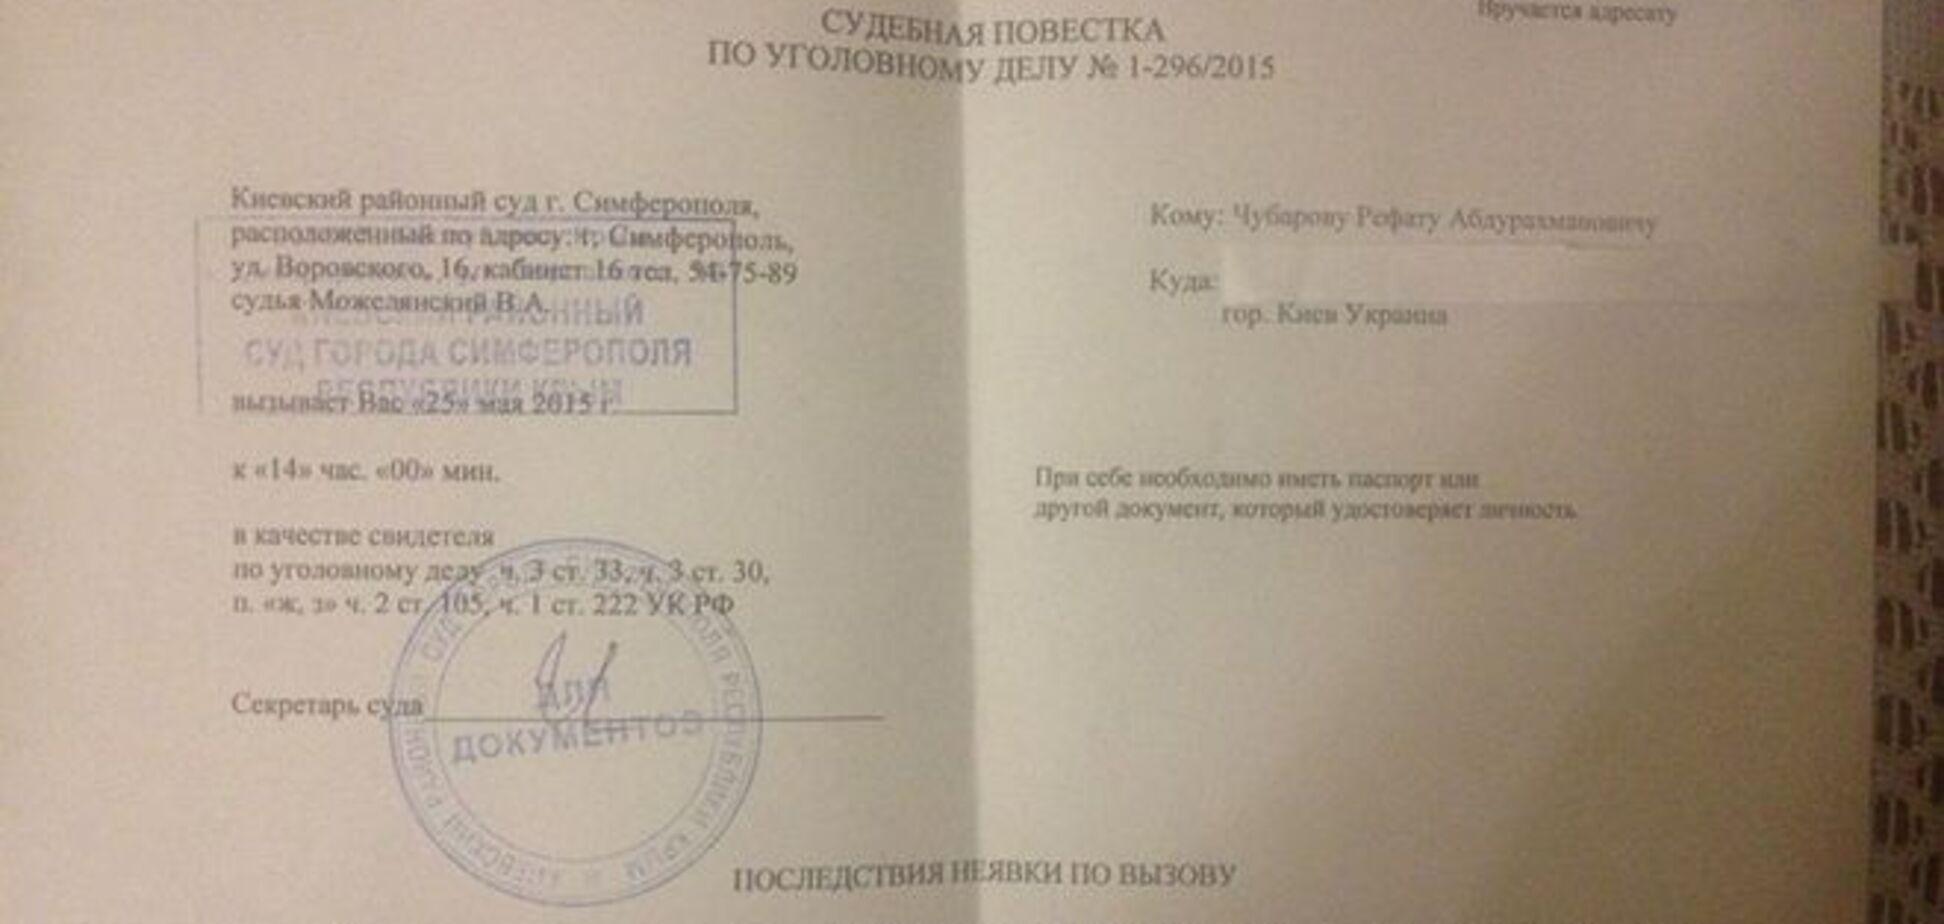 Чубарову по почте из Крыма прислали повестку в суд